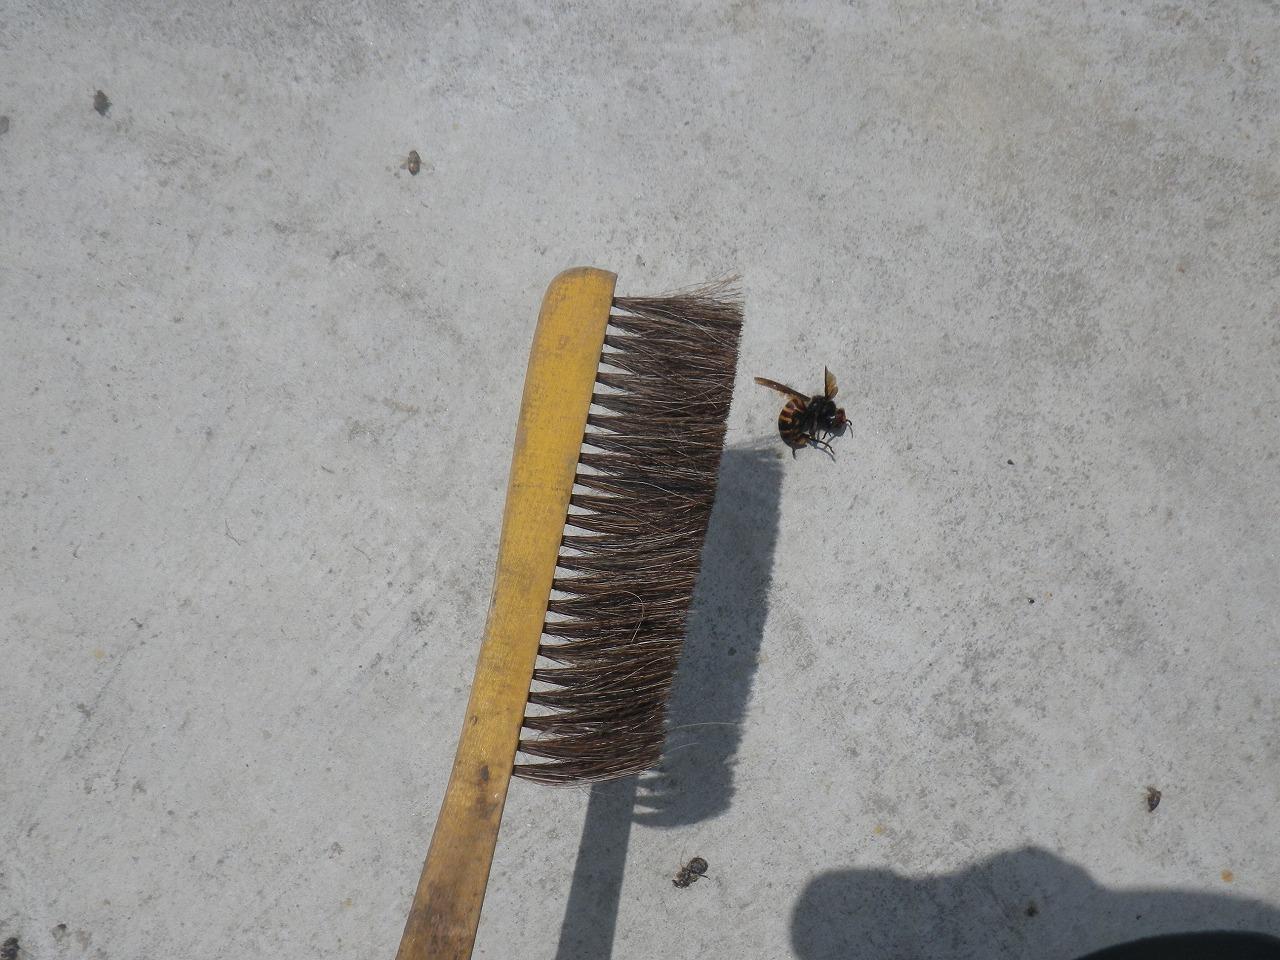 オオスズメバチを倒した武器